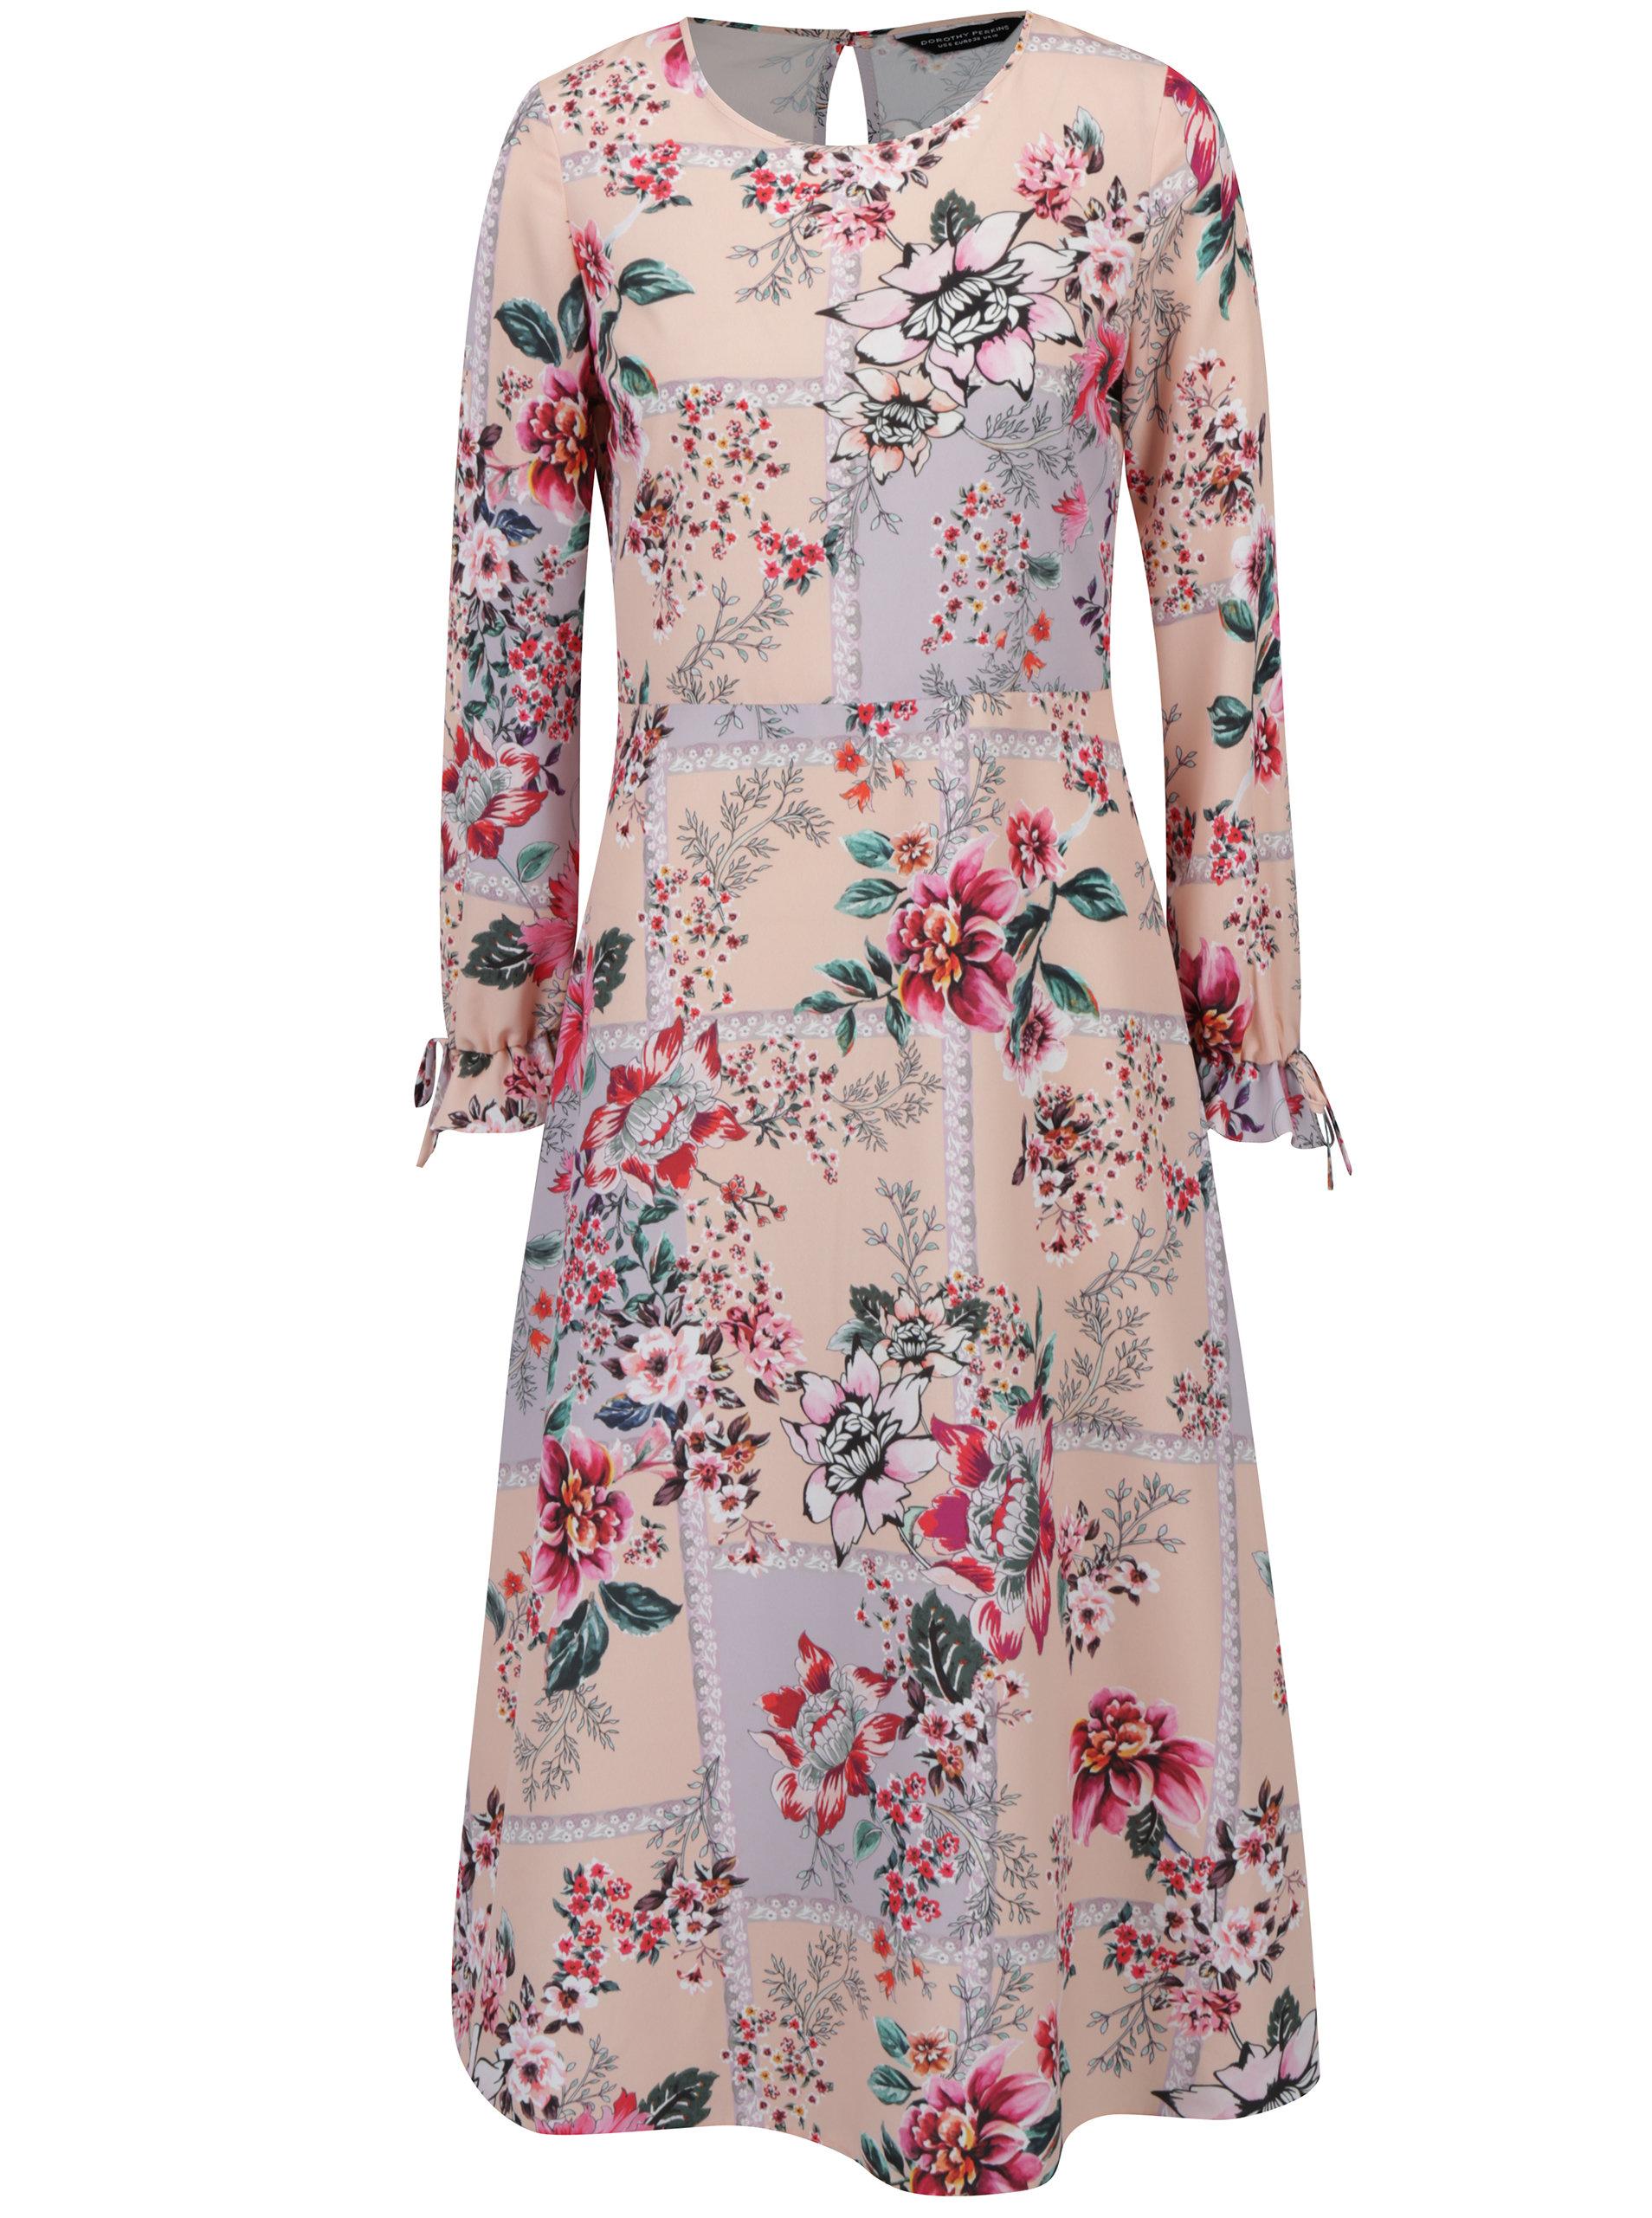 f5be4d5037d8 Ružové kvetované šaty s volánmi na rukávoch Dorothy Perkins ...